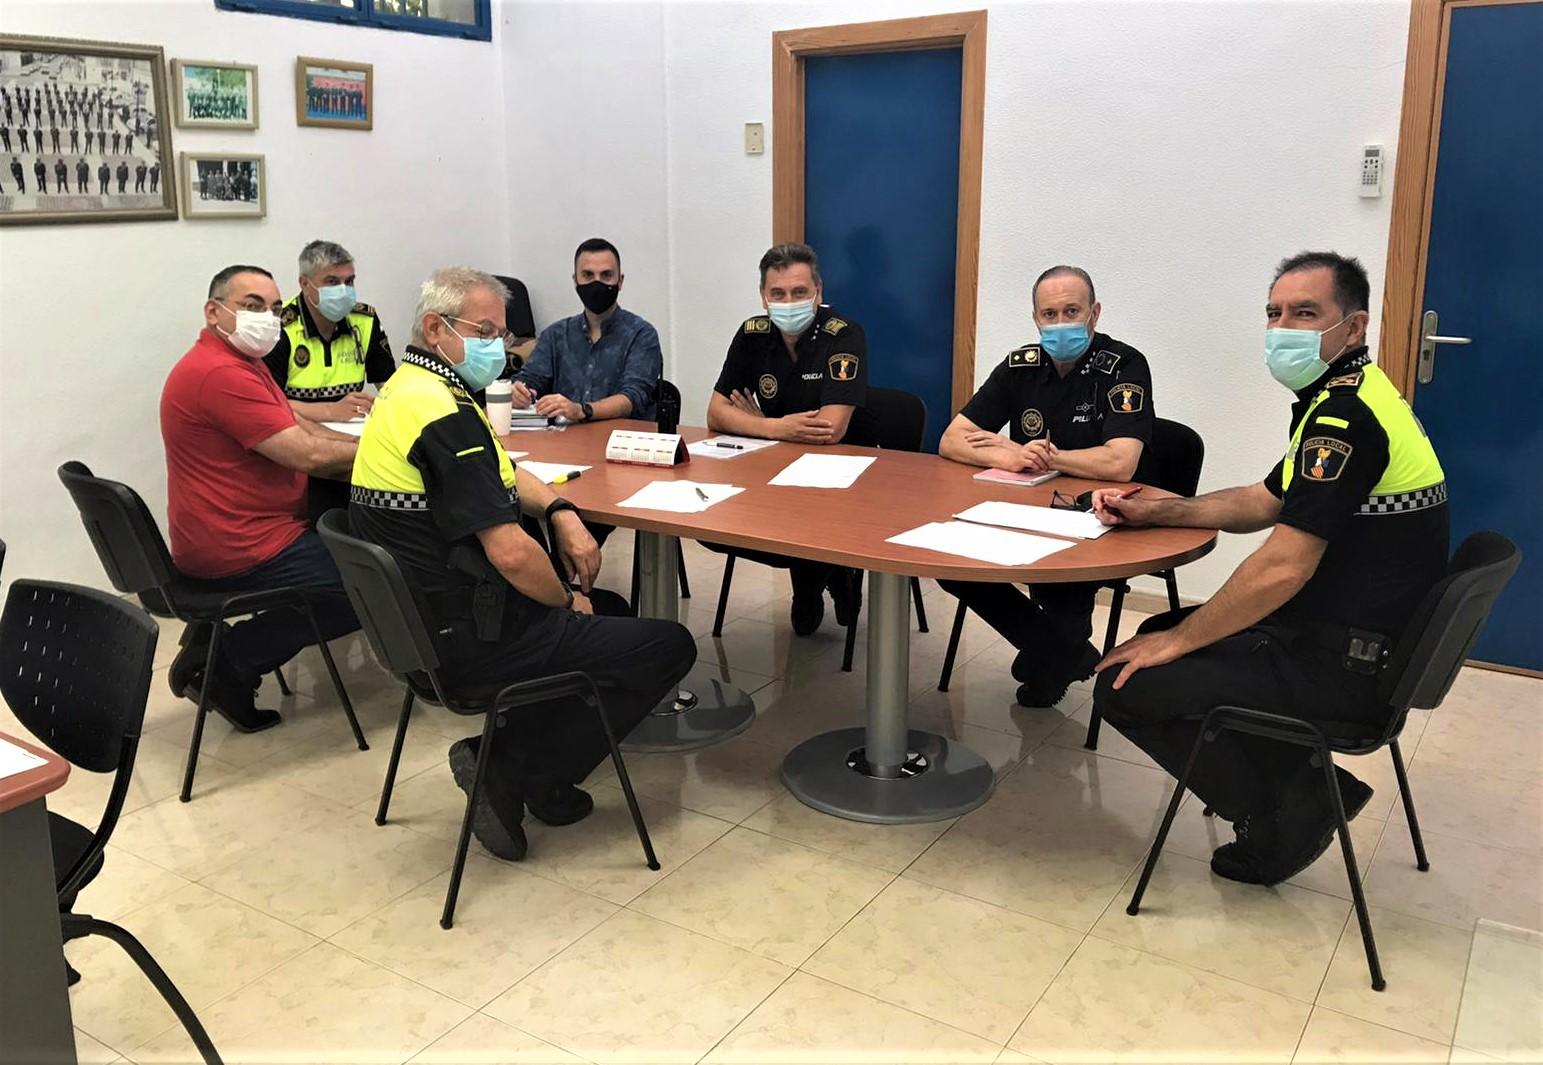 Elda y Petrer constituyen la Comisión de Tráfico, Circulación y Seguridad Vial para coordinar las actuaciones en regulación de la movilidad que afecten a ambos municipios